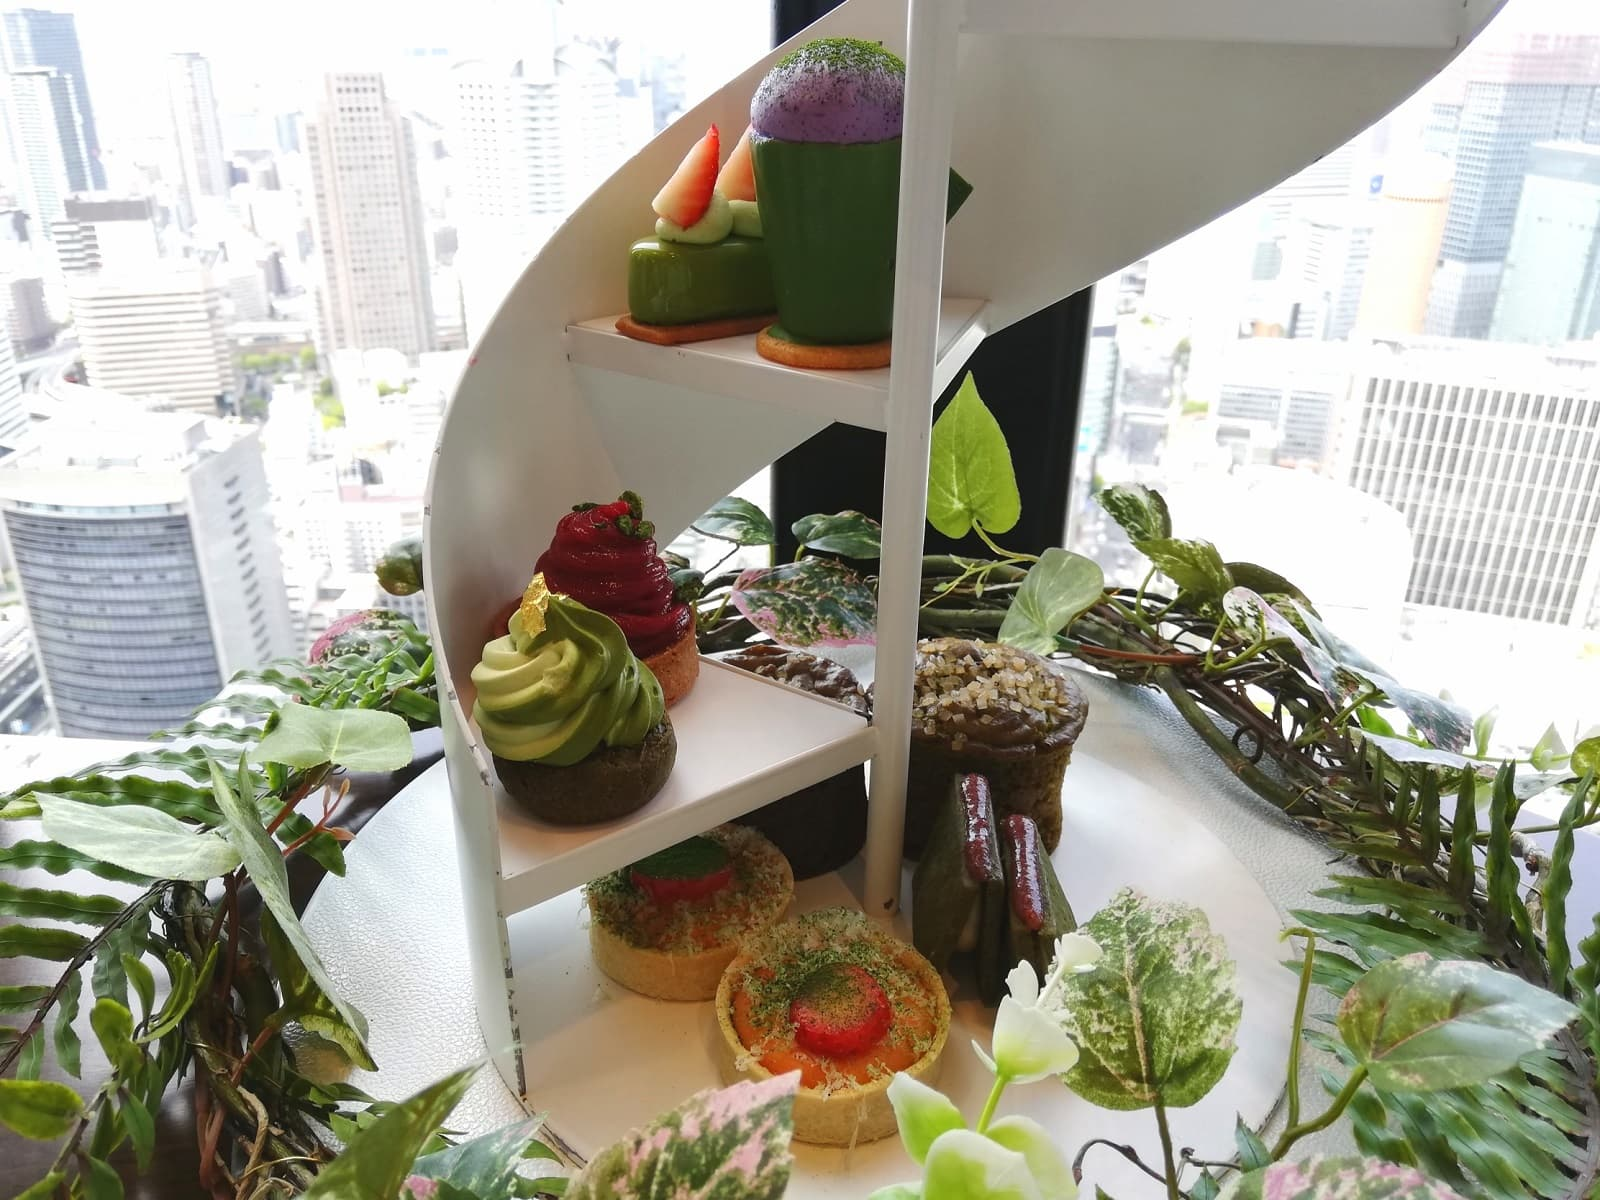 コンラッド大阪のアフタヌーンティーはスパイラルティースタンドで提供